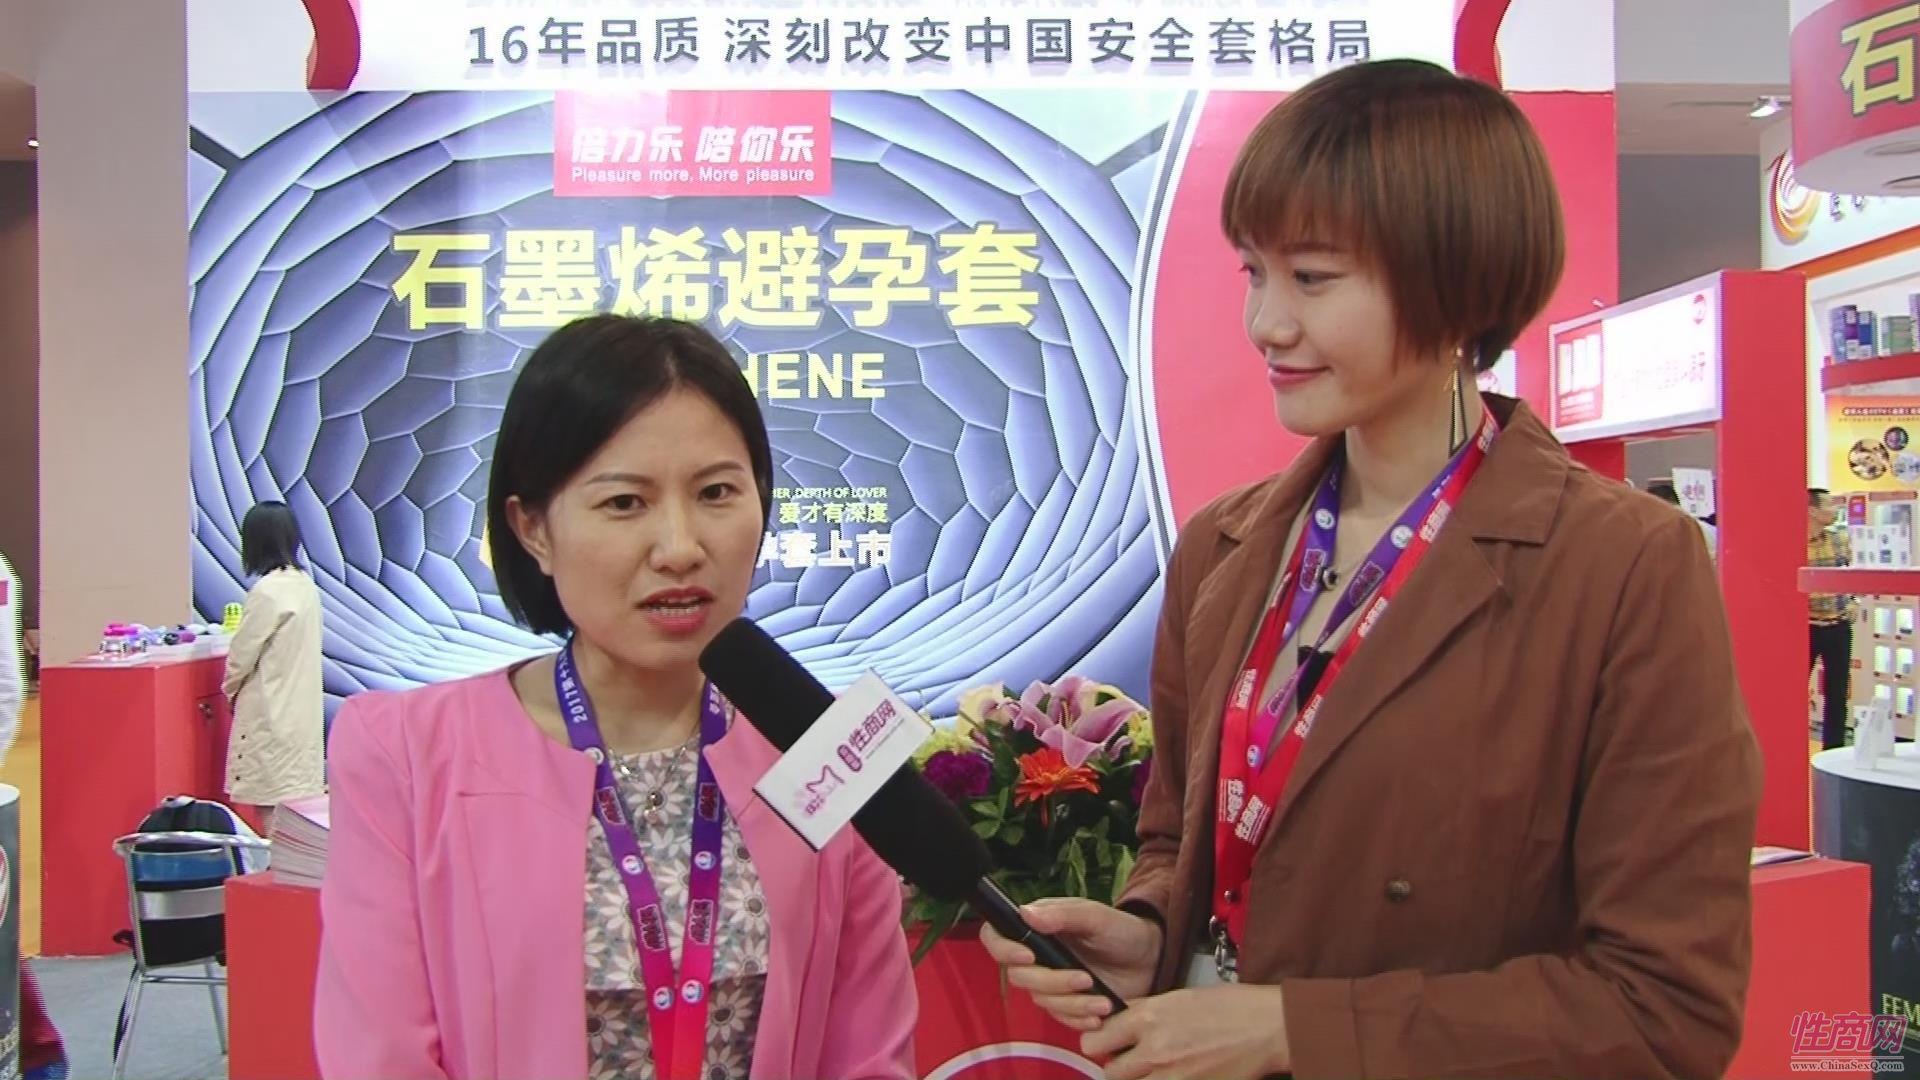 倍力乐安全套-2017广州性文化节性商专访